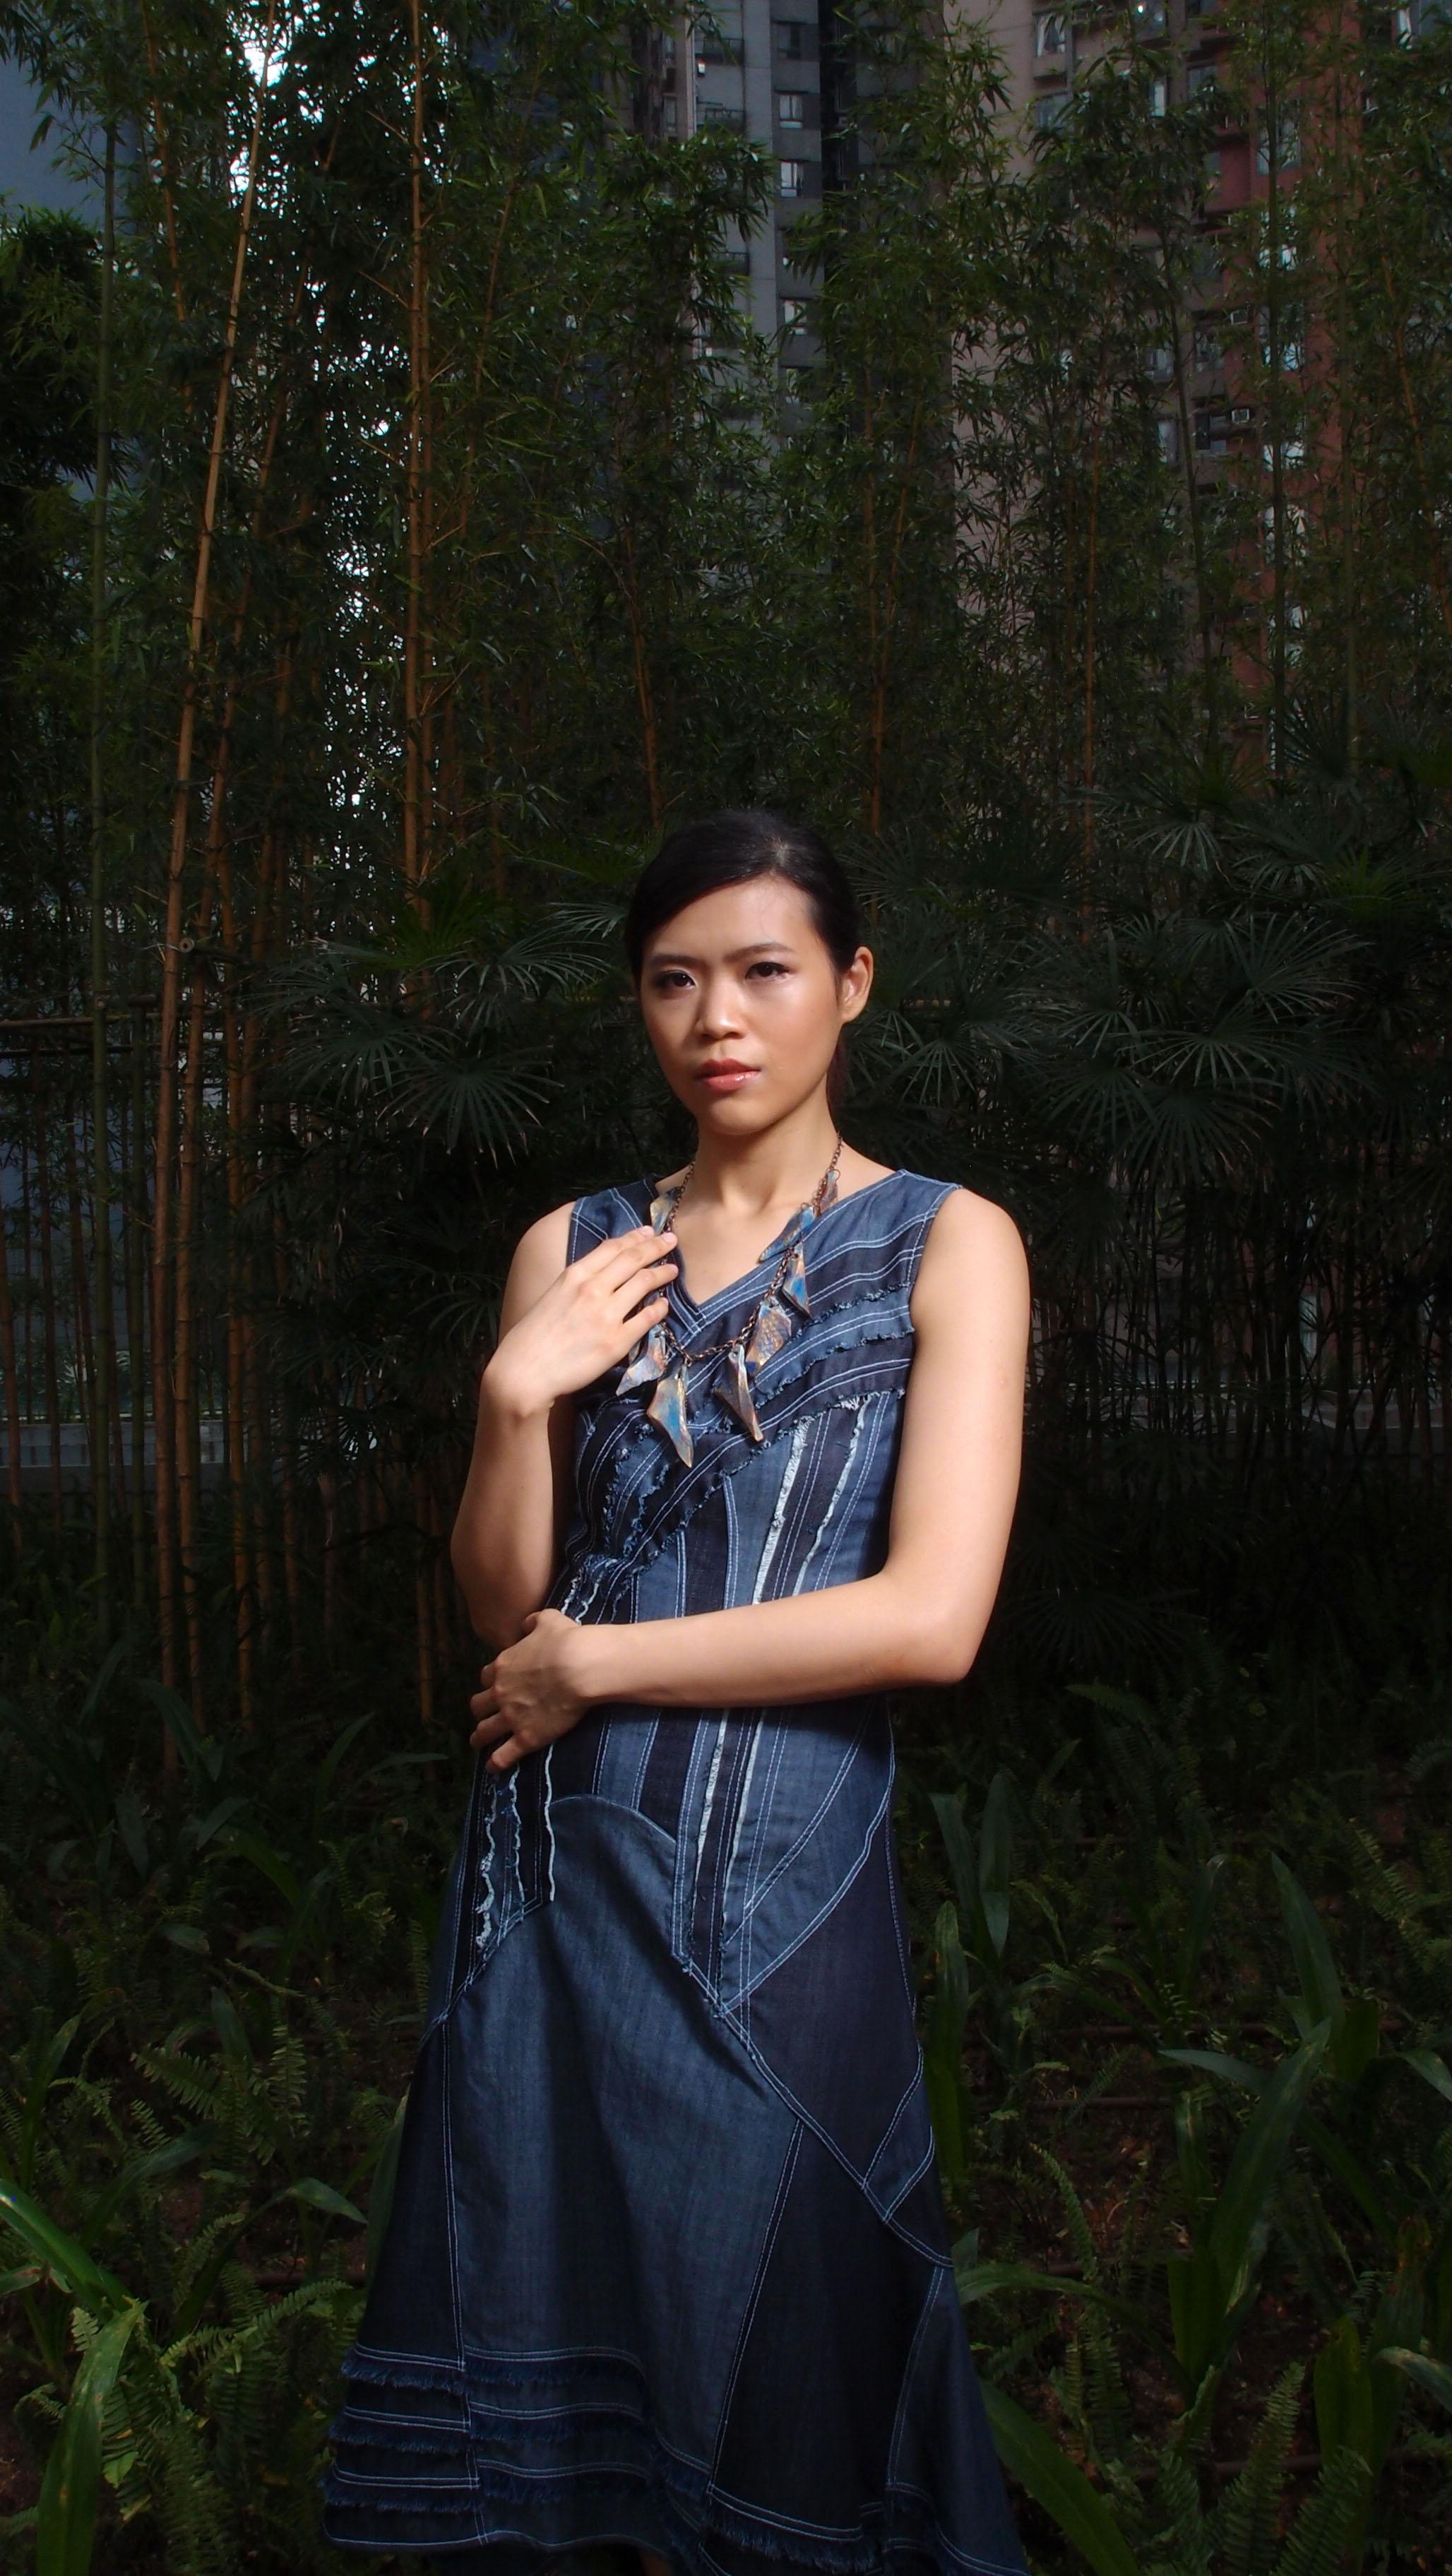 SS14 Womenswear - Look9